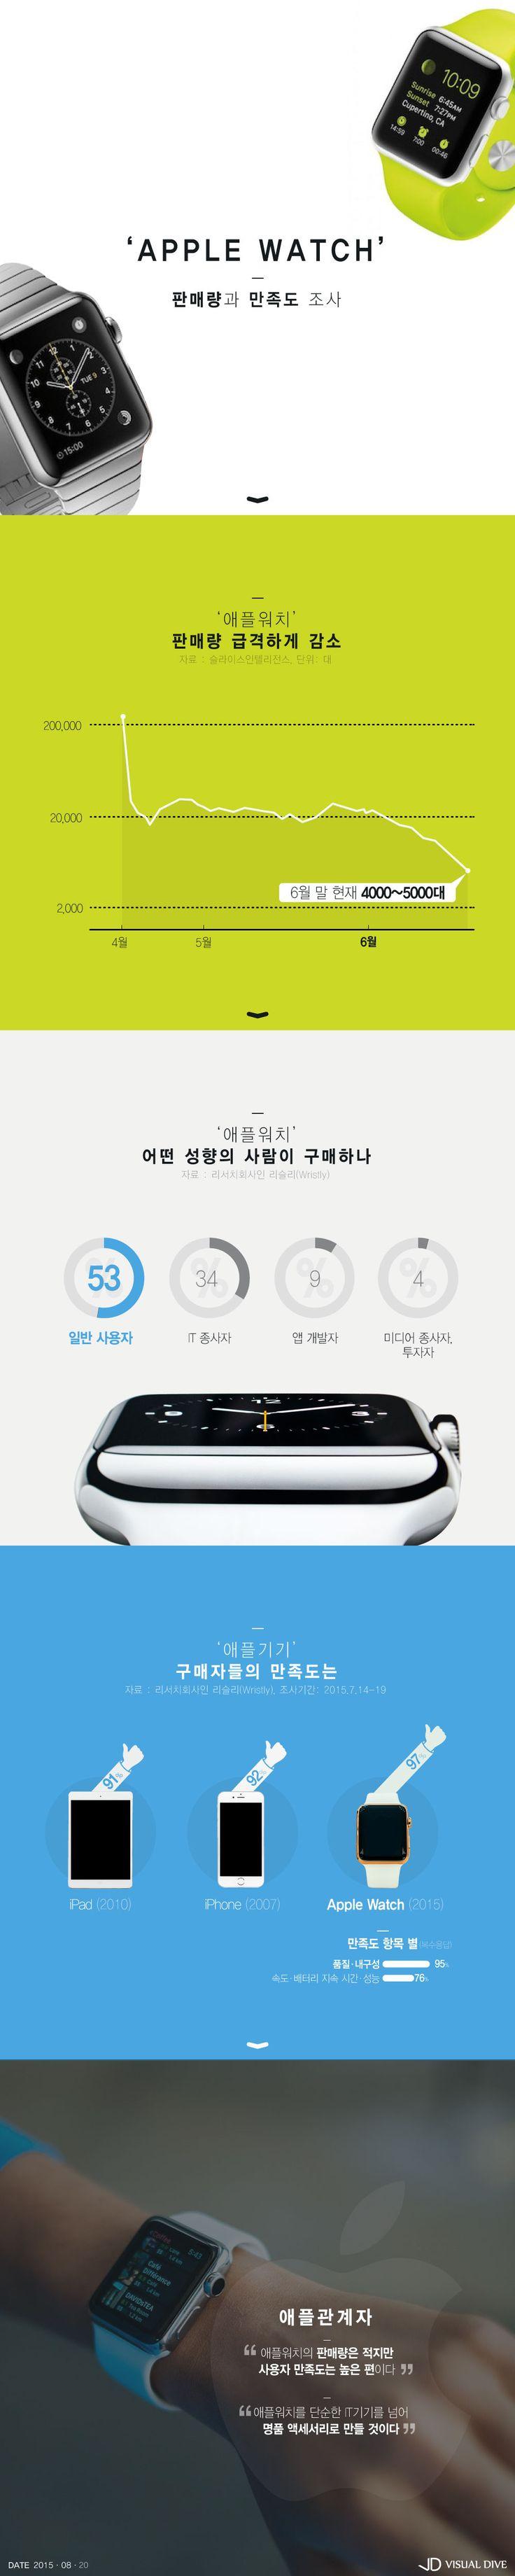 애플워치 사용자 만족도 97% [인포그래픽] #Apple_watch / #Infographic ⓒ 비주얼다이브 무단 복사·전재·재배포 금지